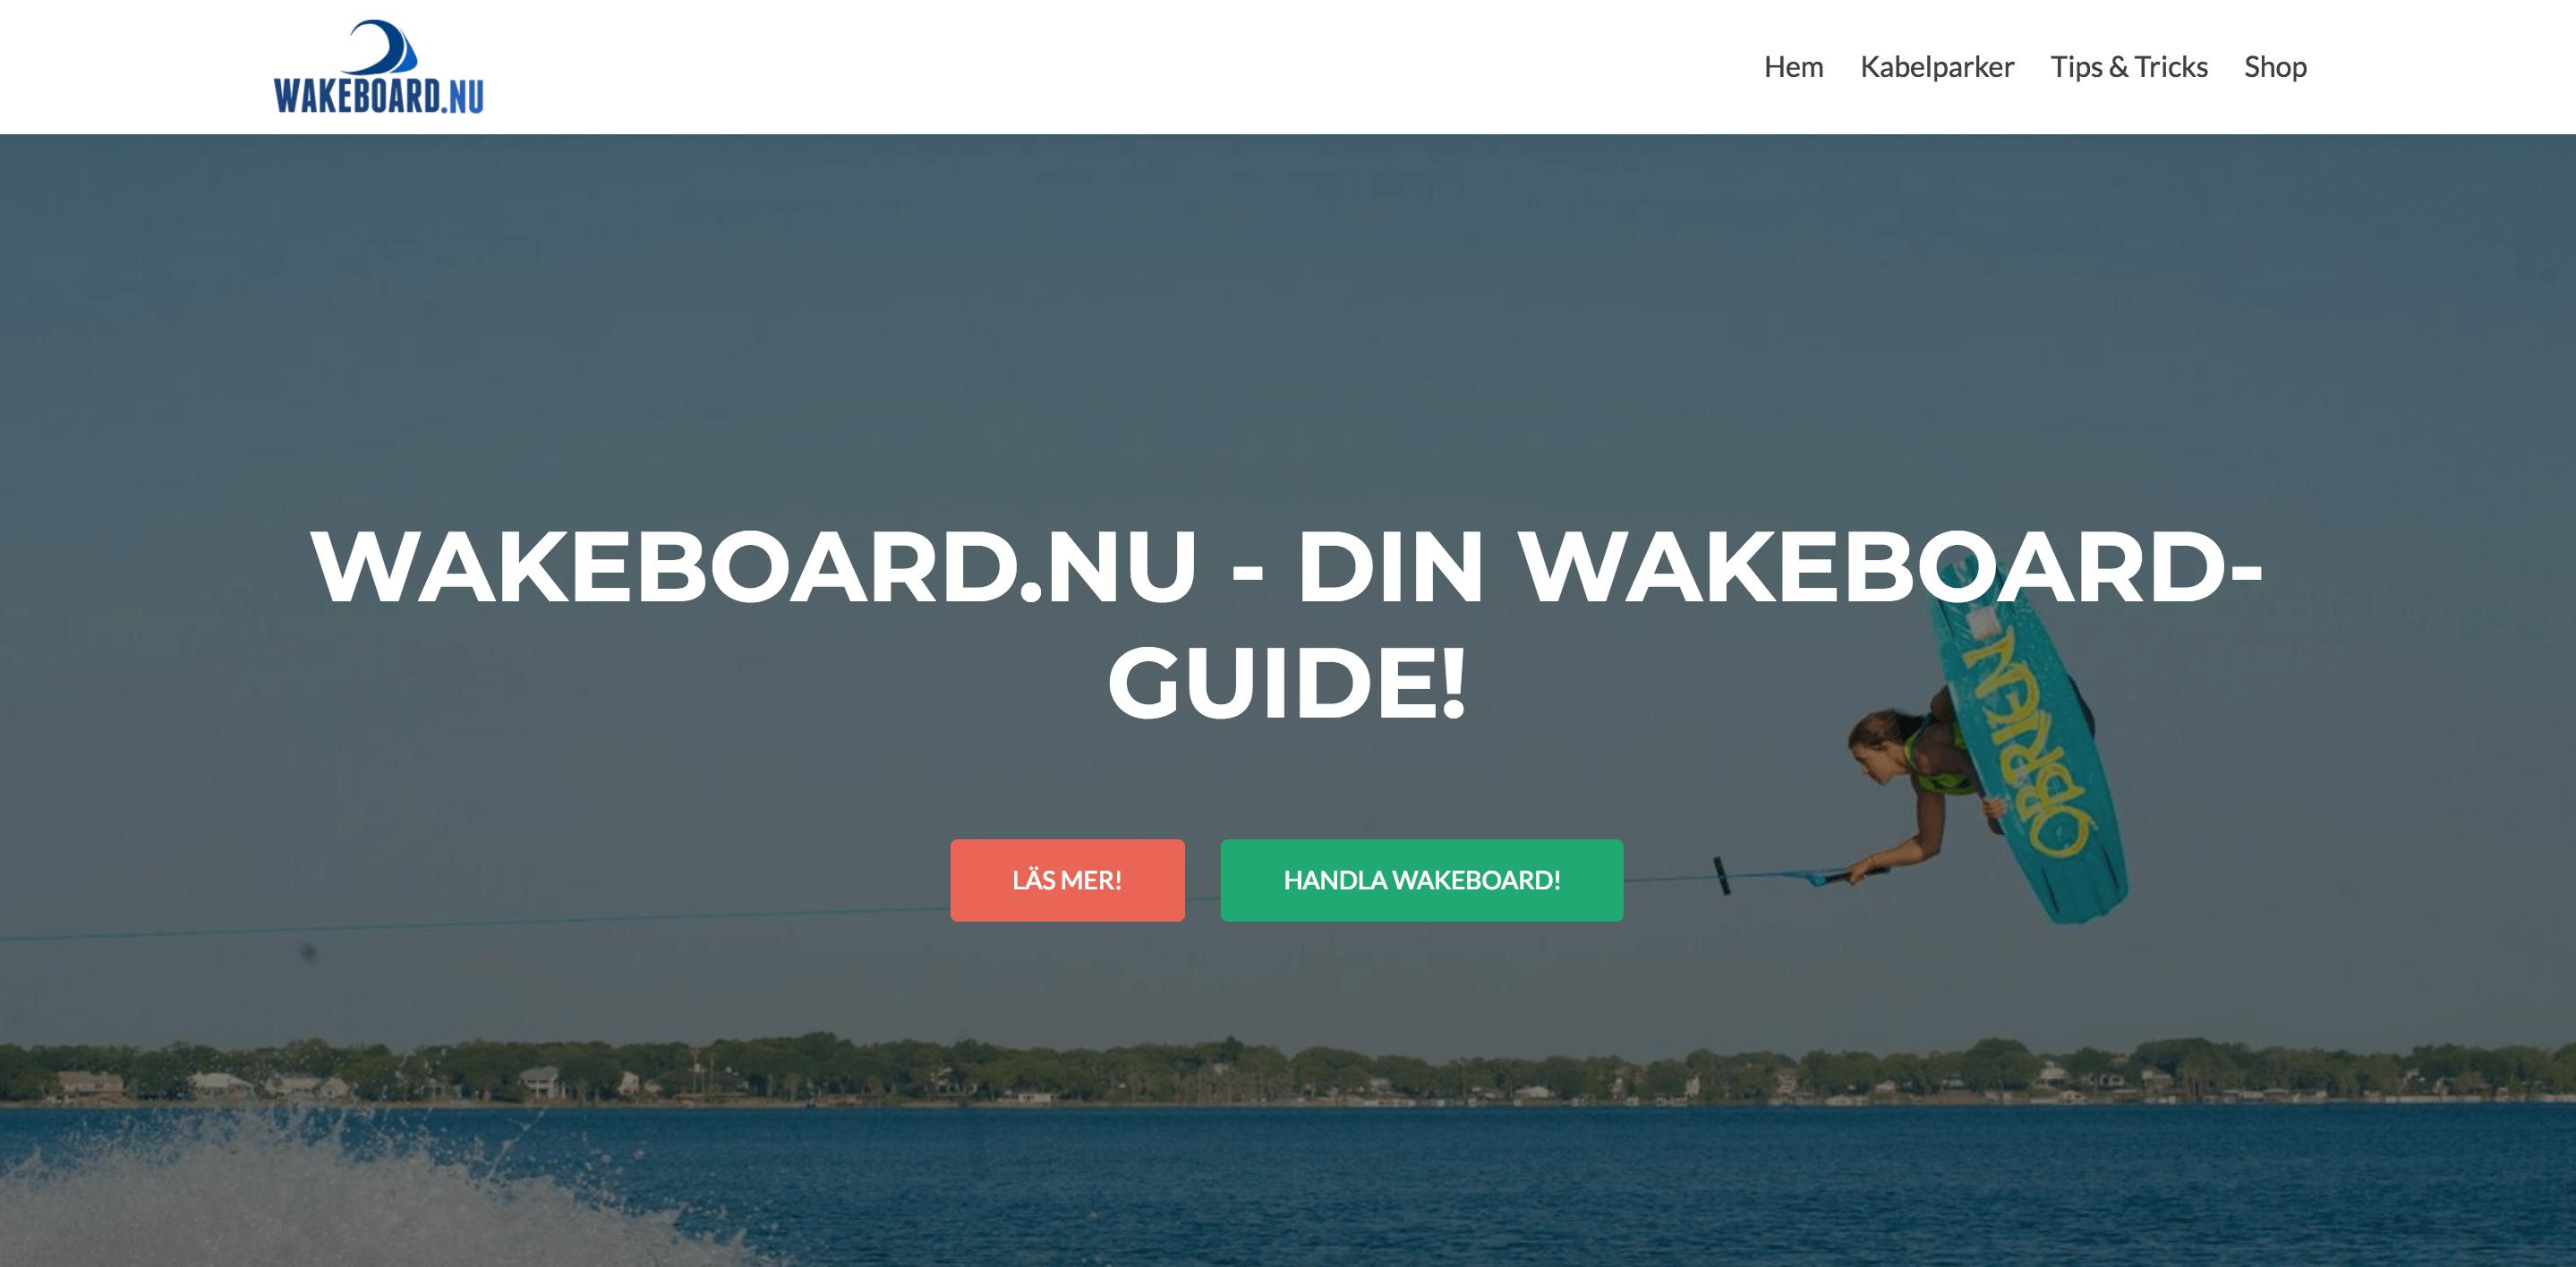 Wakeboard.nu